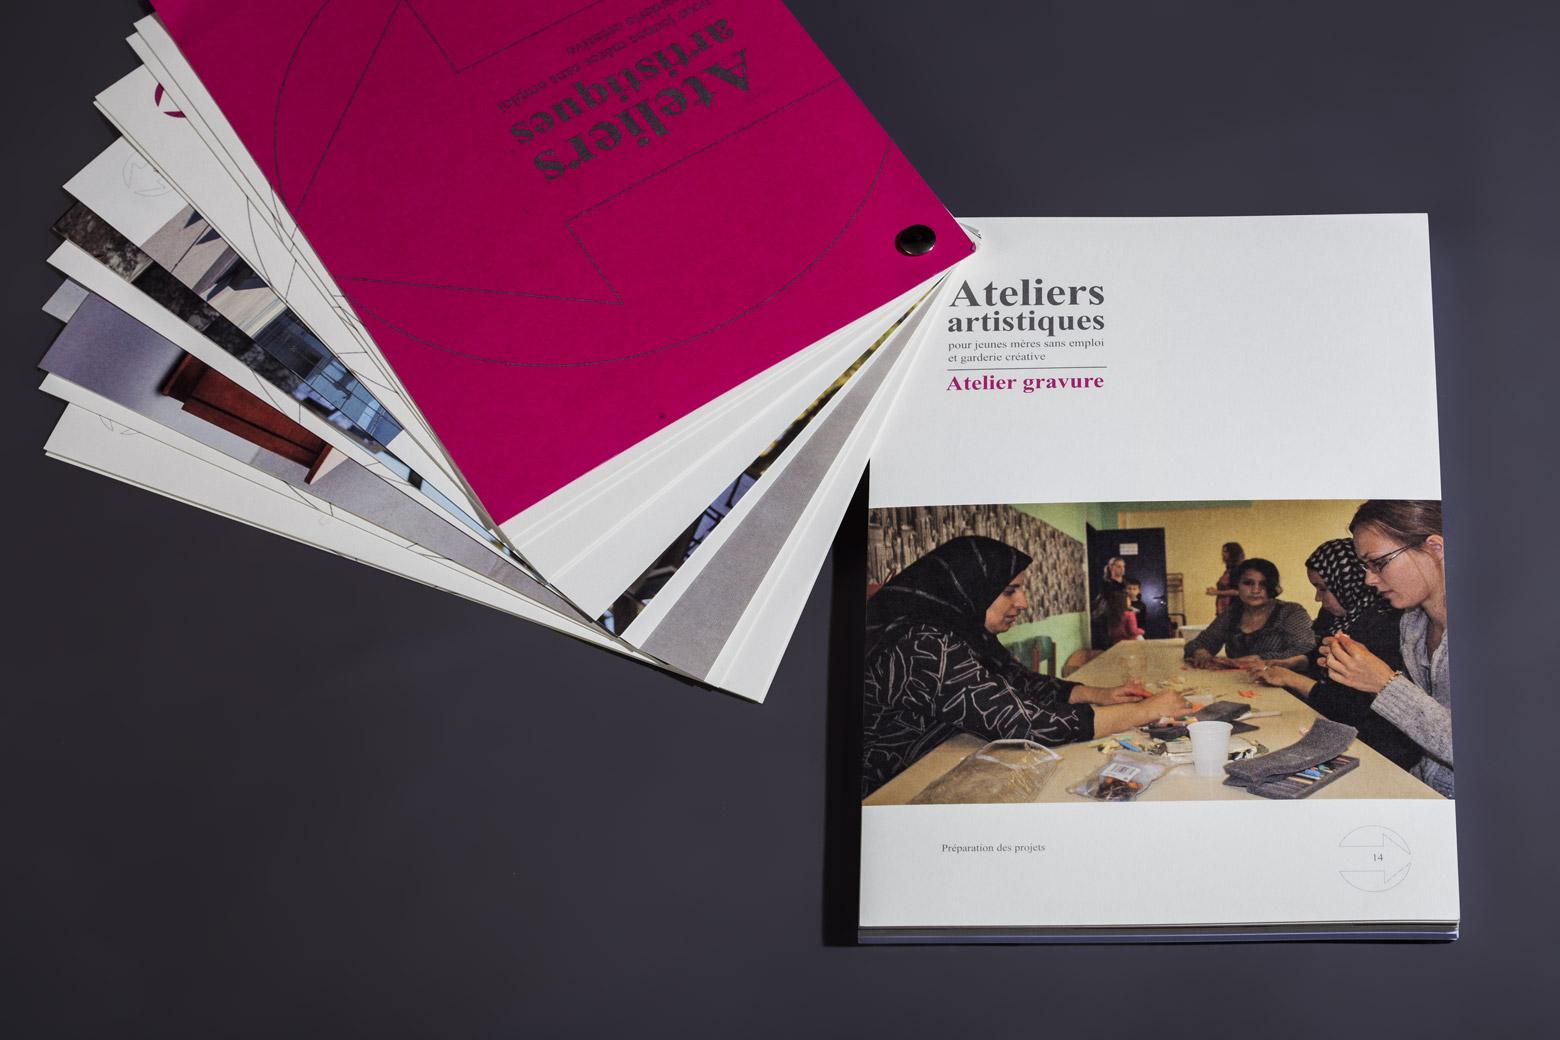 Ateliers artistiques pour femmes à Neuhof et garderie créative